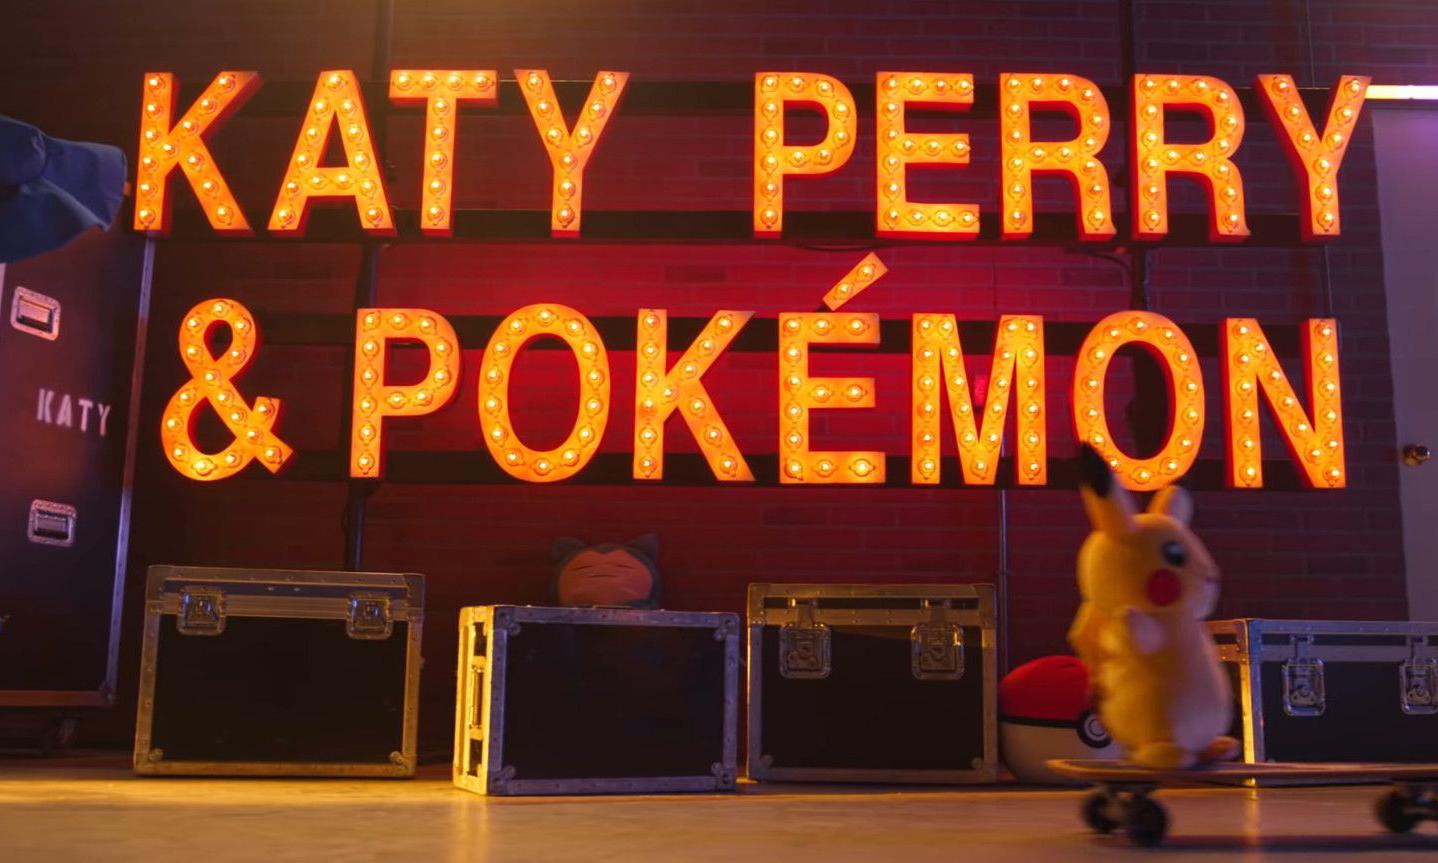 Pokémon 庆祝 25 周年与 Katy Perry 展开联动